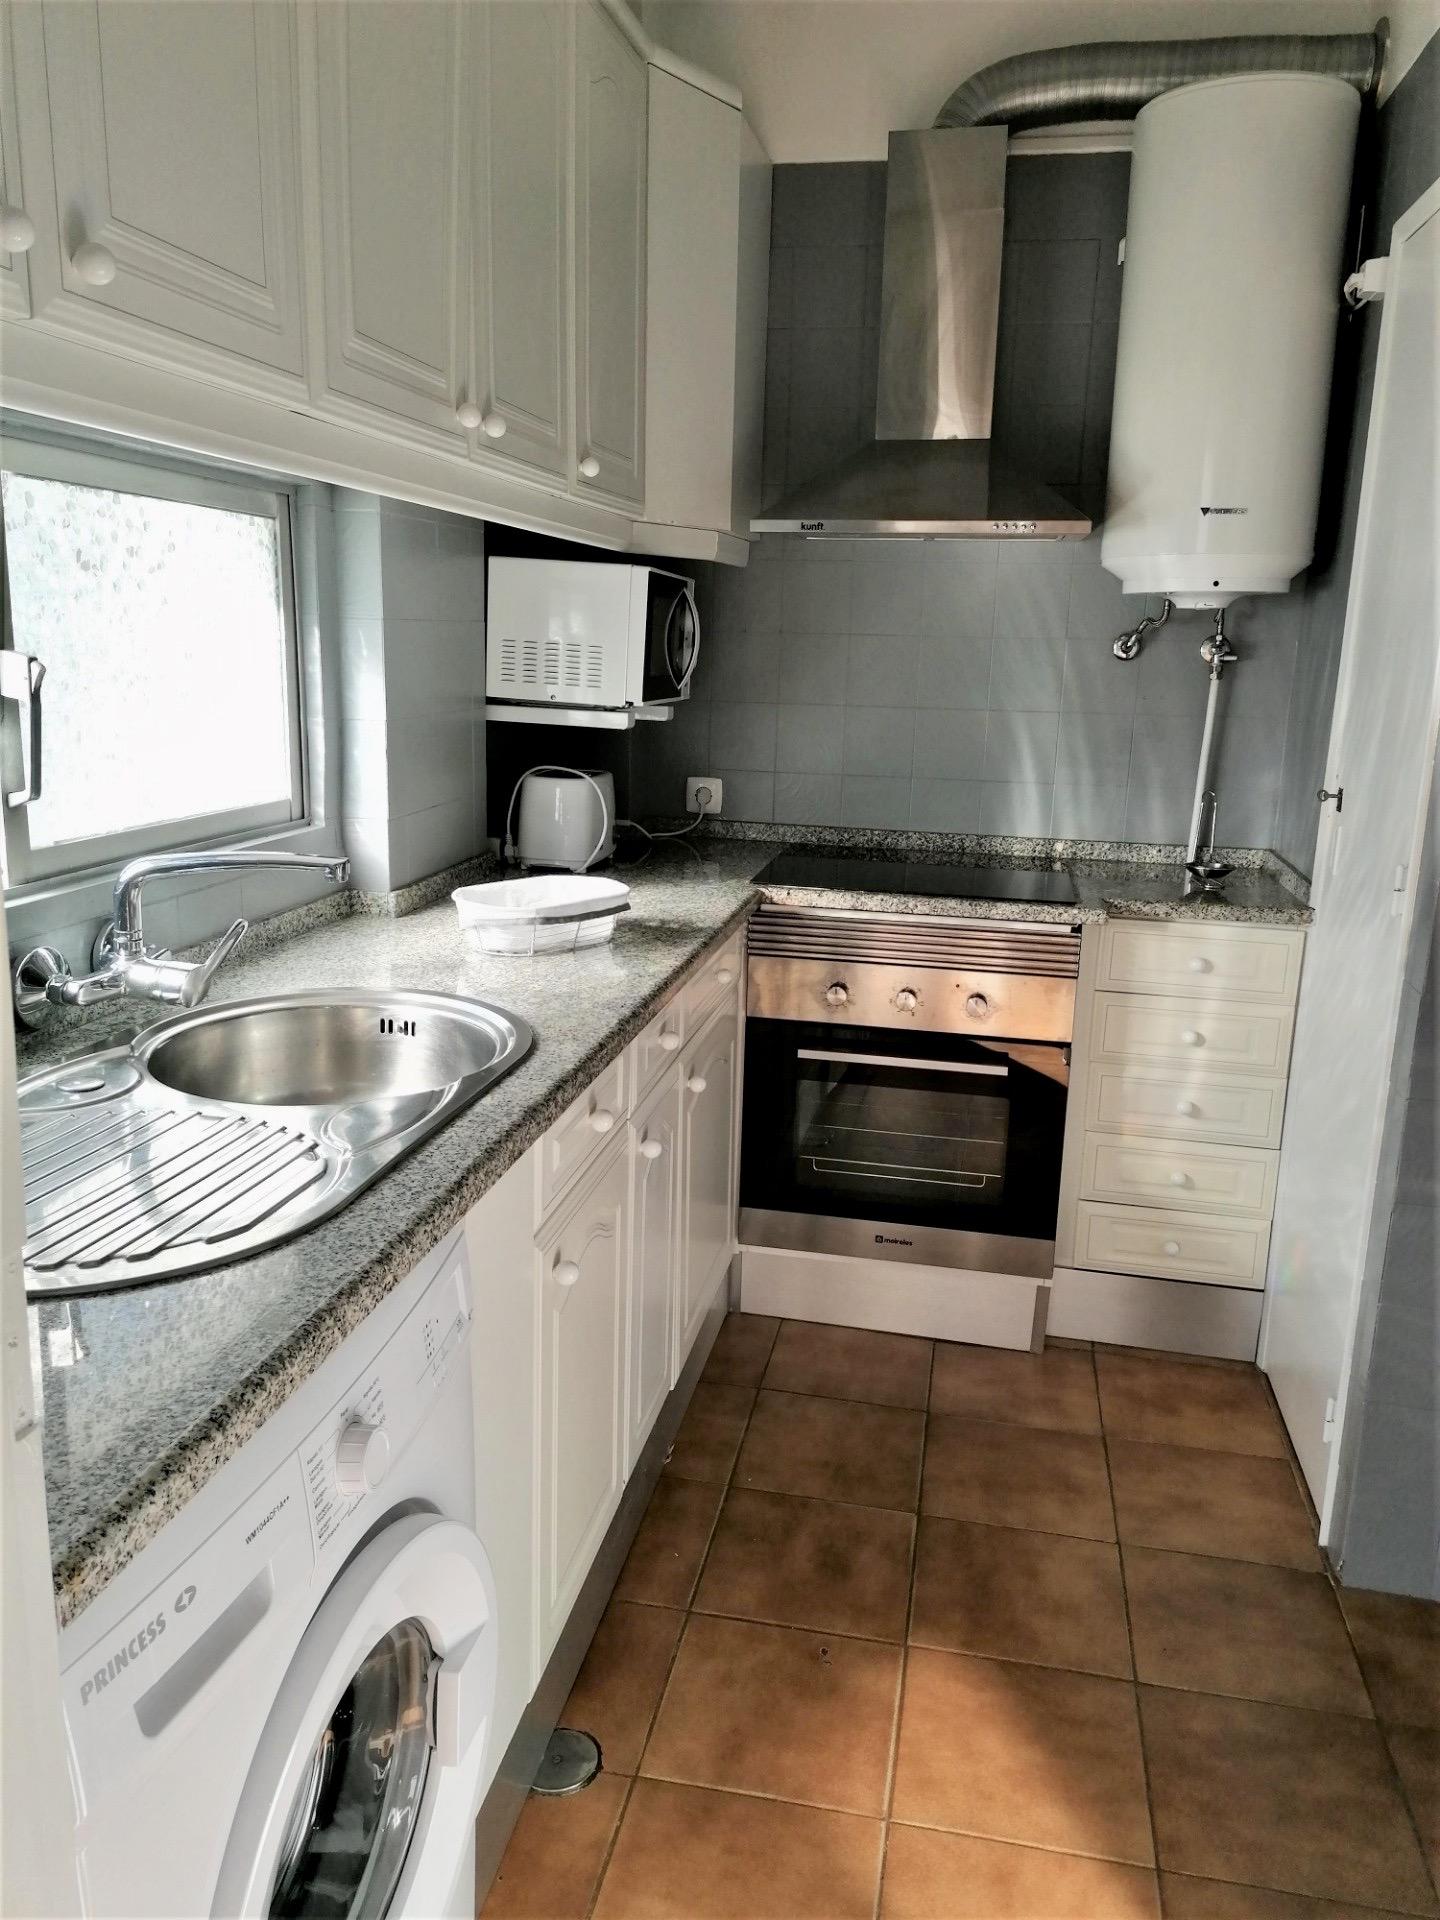 Location appartements et villas de vacance, Albufeira Bran House, Fantástico Apartamento Férias T1, a 200m a pé da praia, Baixa Antiga de Albufeira à Albufeira, Portugal Algarve, REF_IMG_15967_15969